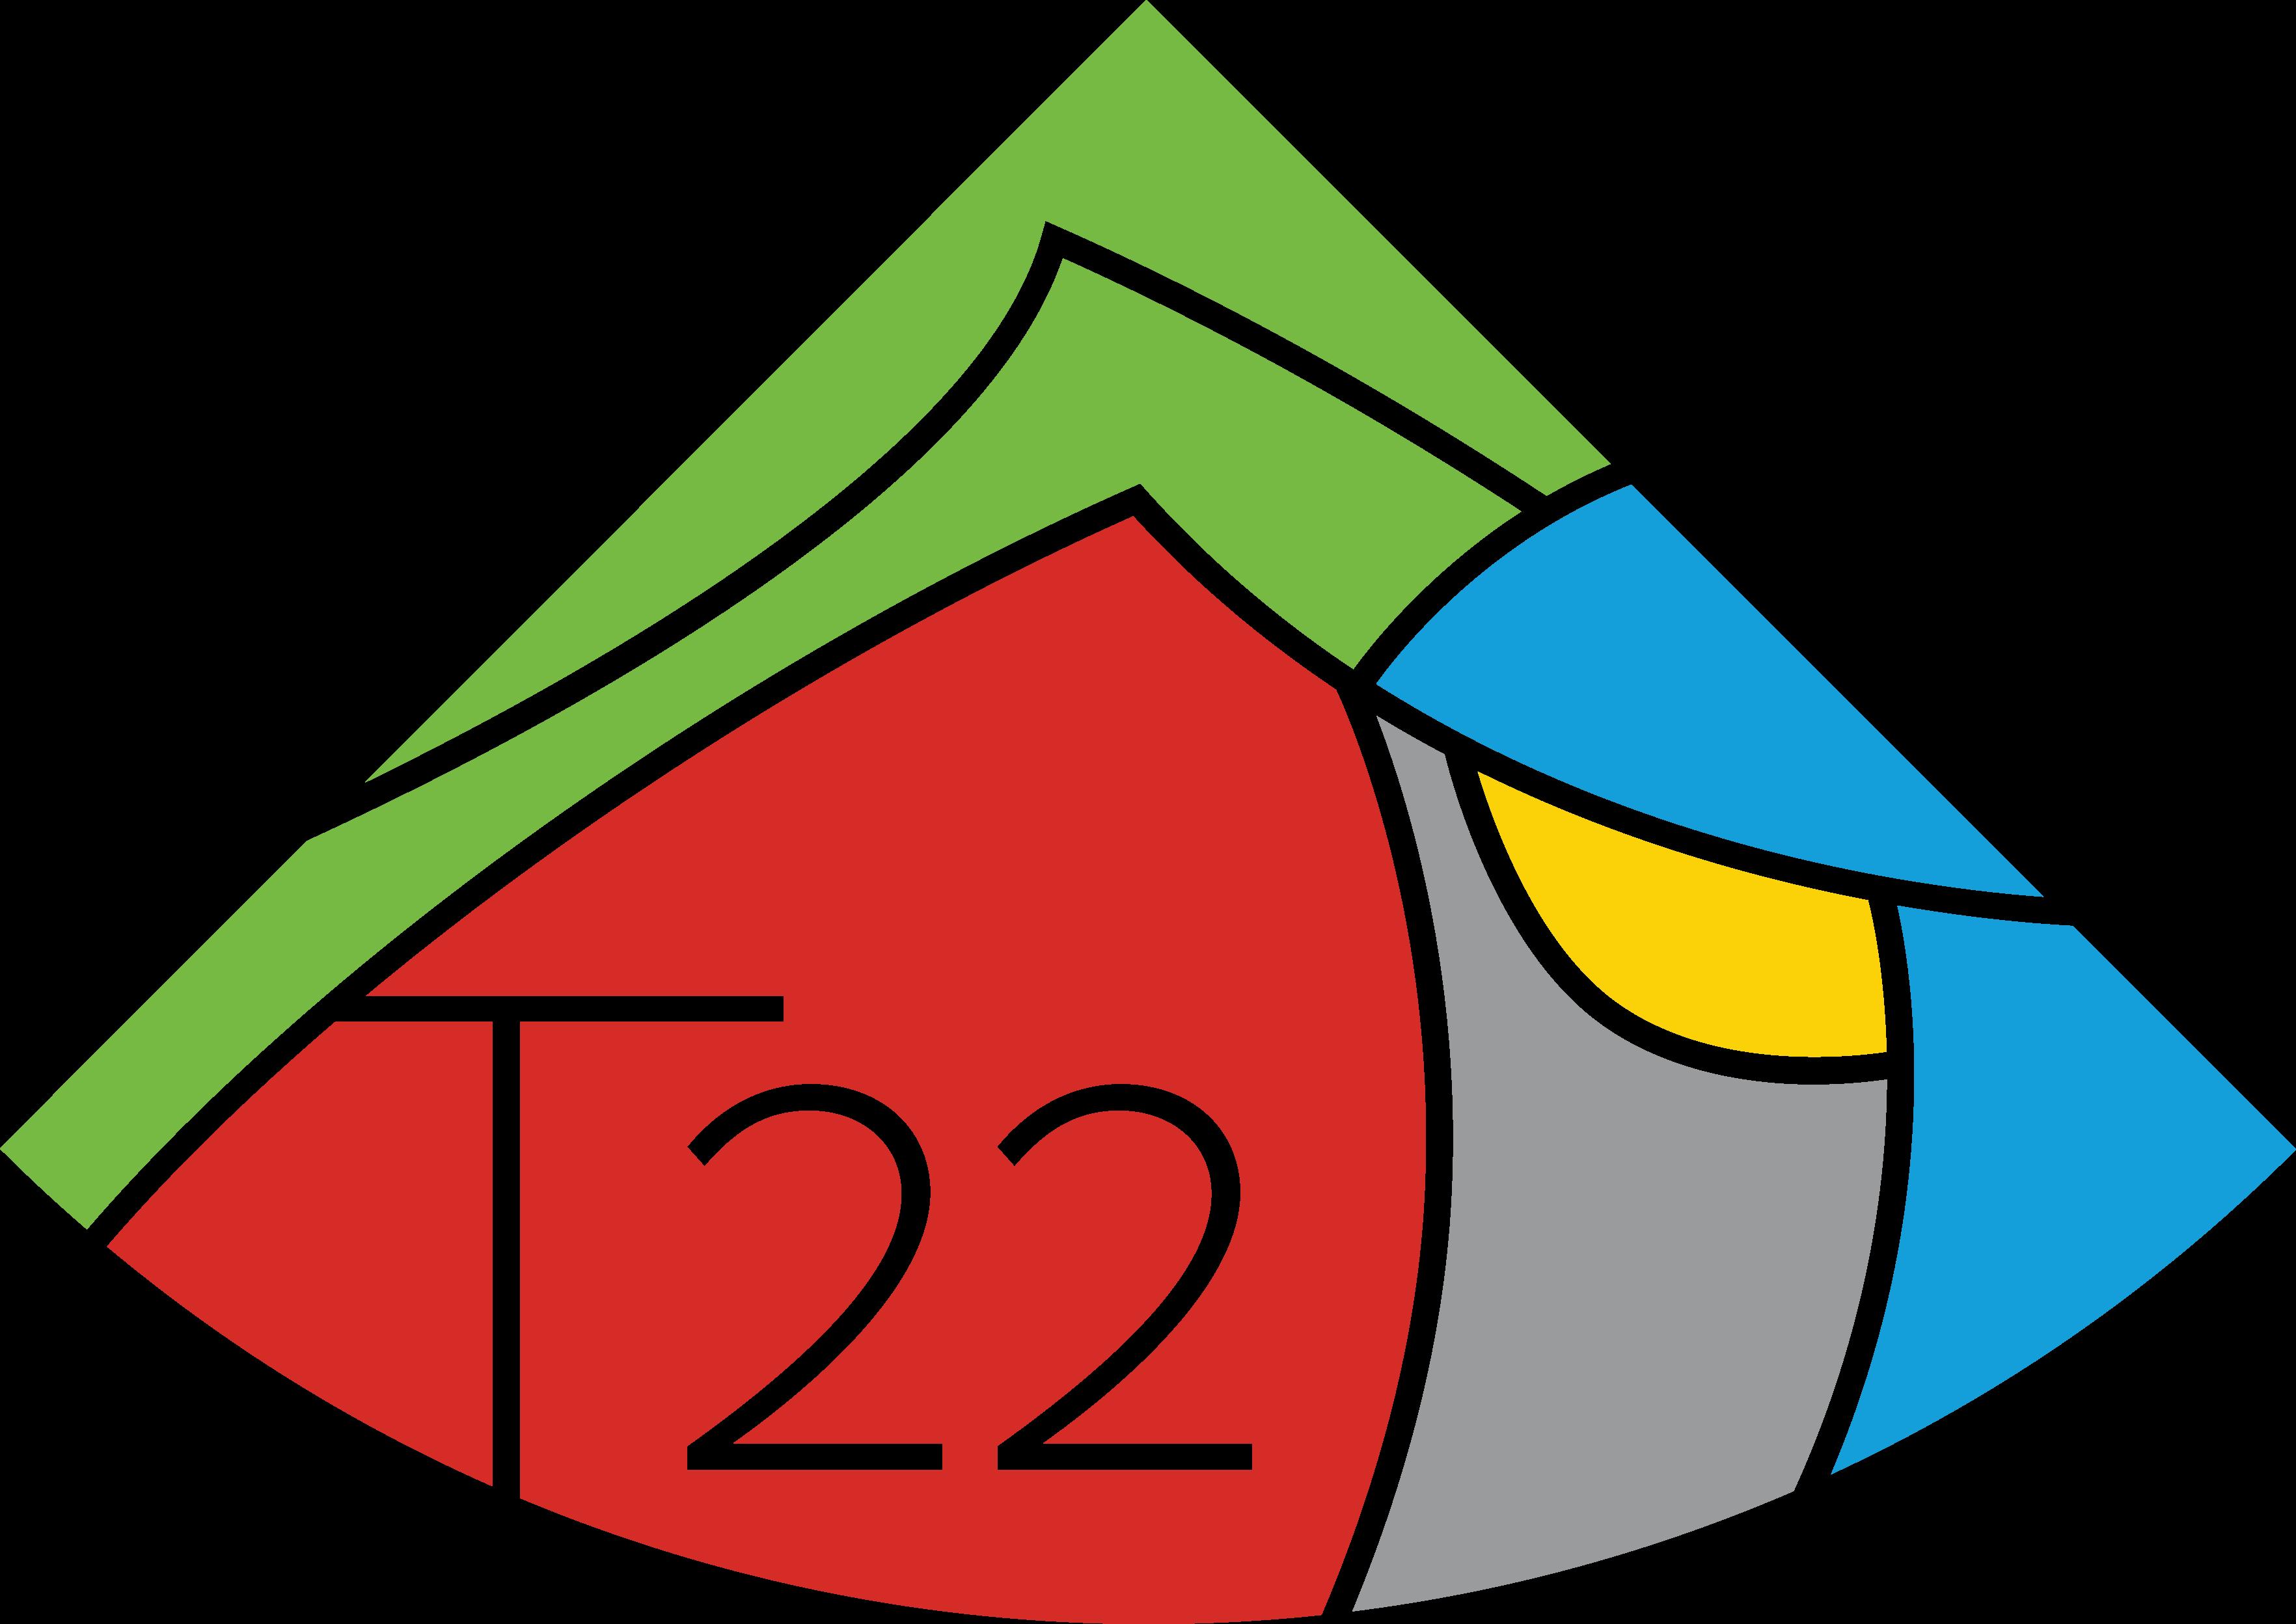 Národné stretnutie mládeže 2022